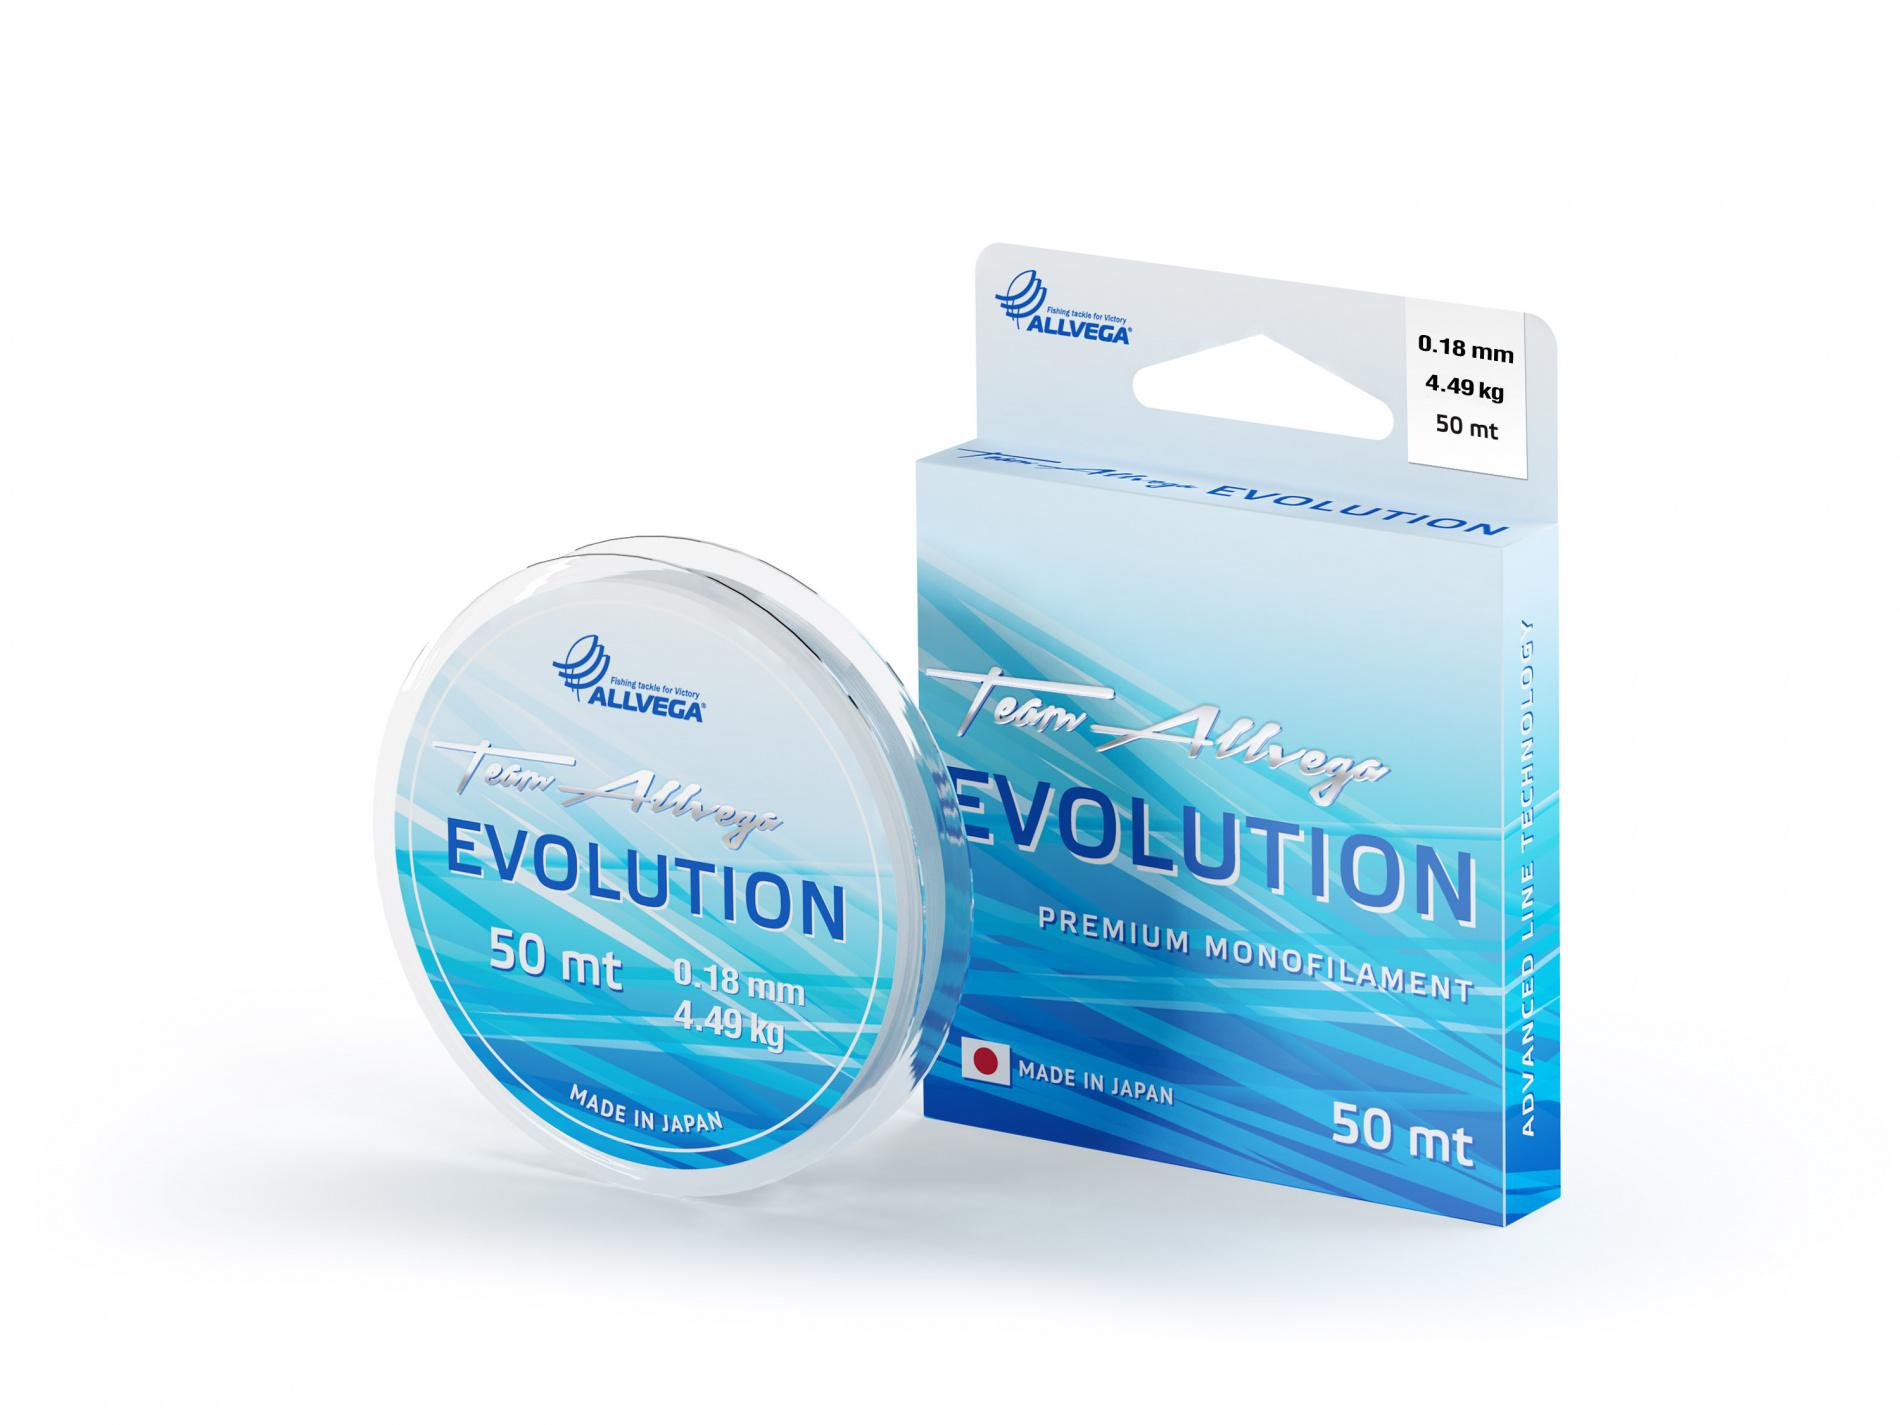 Леска ALLVEGA Evolution 0,18мм (50м) (4,49кг) (прозрачная)Леска монофильная<br>Леска EVOLUTION - это результат интеграции многолетнего <br>опыта европейских рыболовов-спортсменов <br>и современных японских технологий! Важнейшим <br>свойством лески является её однородность <br>и соответствие заявленному диаметру. Если <br>появляется неравномерность в калибровке <br>лески и искажается идеальная окружность <br>в сечении, это ведет к потере однородности <br>лески и ослабляет её. В этом смысле, на сегодняшний <br>день леска EVOLUTION имеет наиболее однородную <br>структуру. Из множества вариантов мы выбираем <br>новейшее и наиболее подходящее сырьё, чтобы <br>добиться исключительных характеристик <br>лески, выдержать оптимальный баланс между <br>прочностью и растяжимостью, и создать идеальный <br>продукт для любых условий ловли. Цвет прозрачный. <br>Сделана, размотана и упакована в Японии.<br><br>Сезон: лето